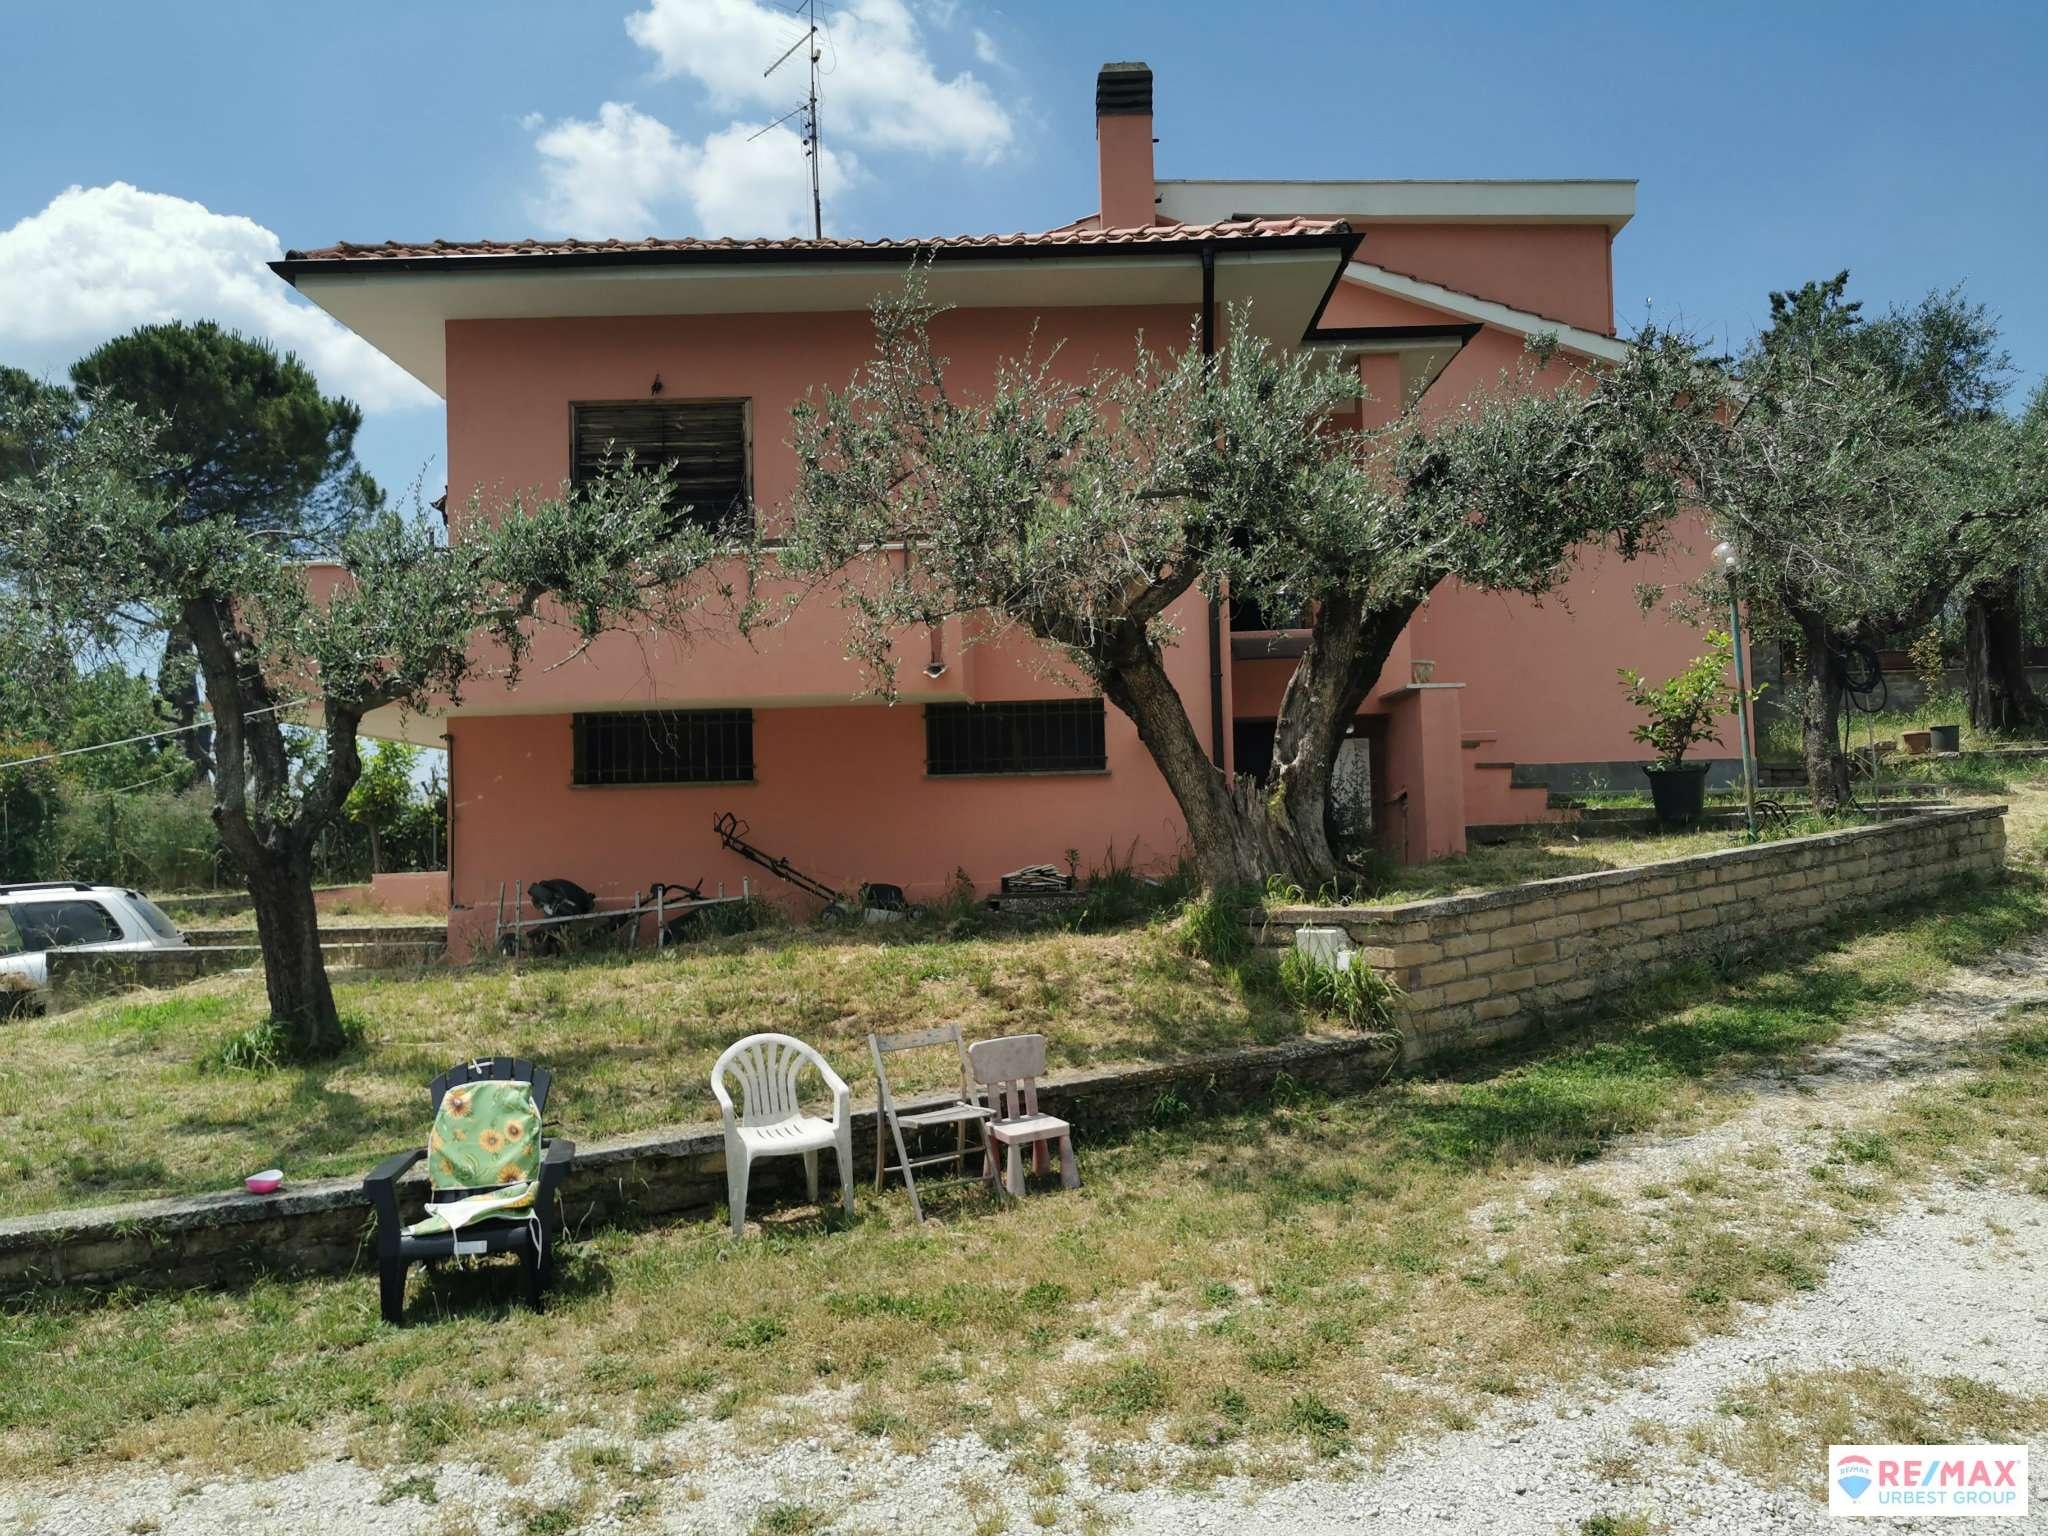 Villa Bifamiliare in vendita a Palombara Sabina, 6 locali, prezzo € 210.000 | CambioCasa.it